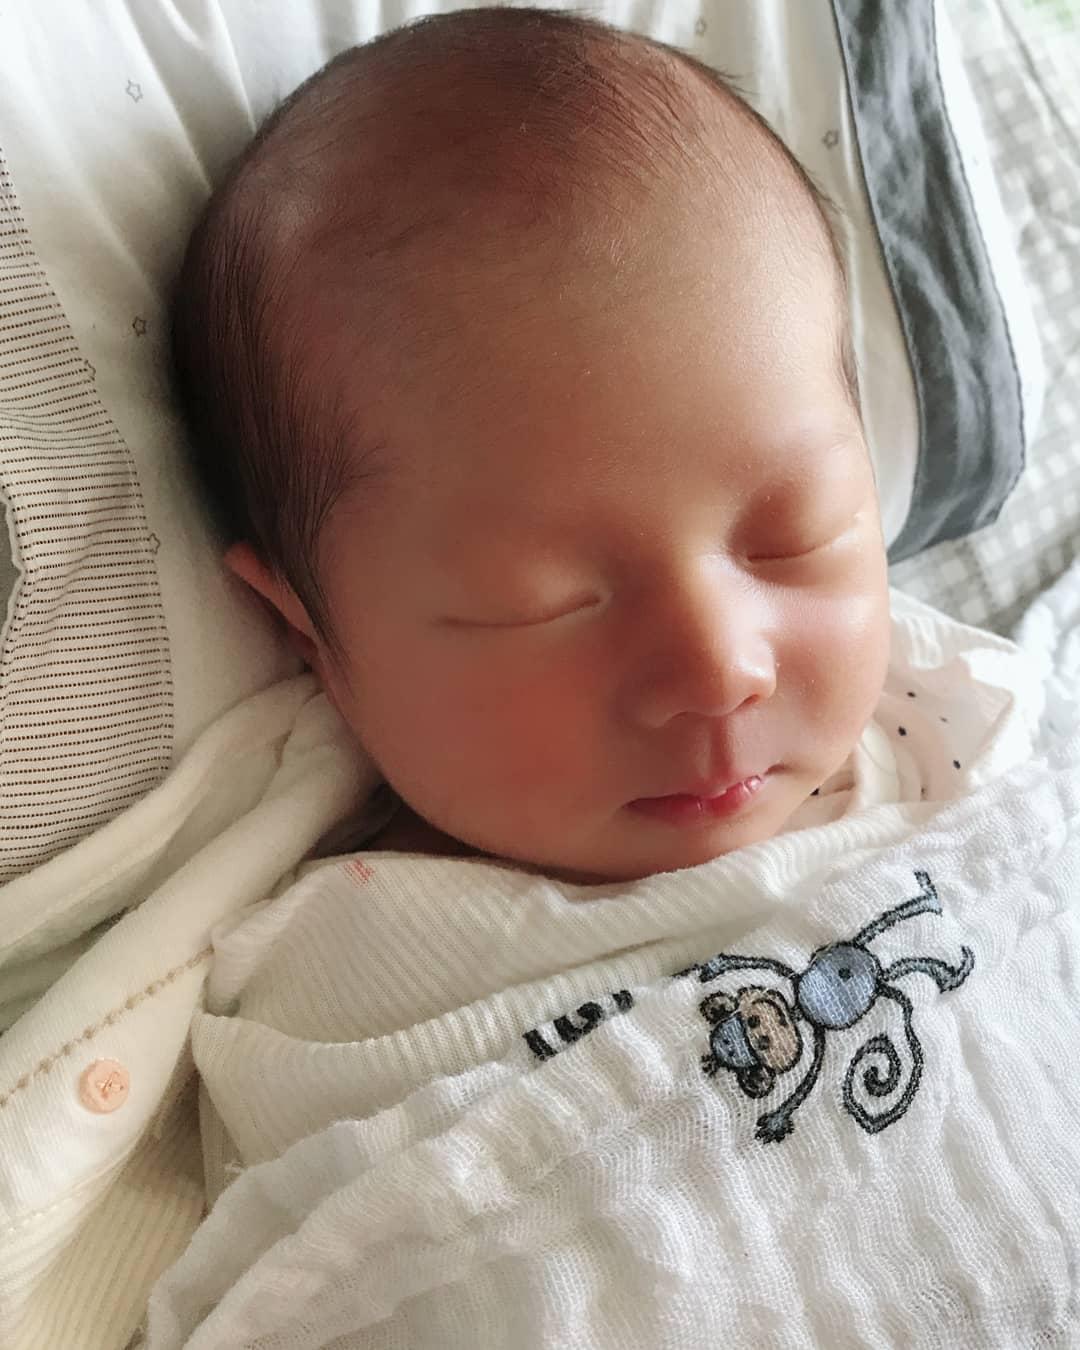 有星爸星媽基因加持,不僅짱이 才剛出生就看來超可愛,還有不少粉絲敲碗希望看到幸福的一家三口登上育兒節目,FNC同事也紛紛獻上祝福